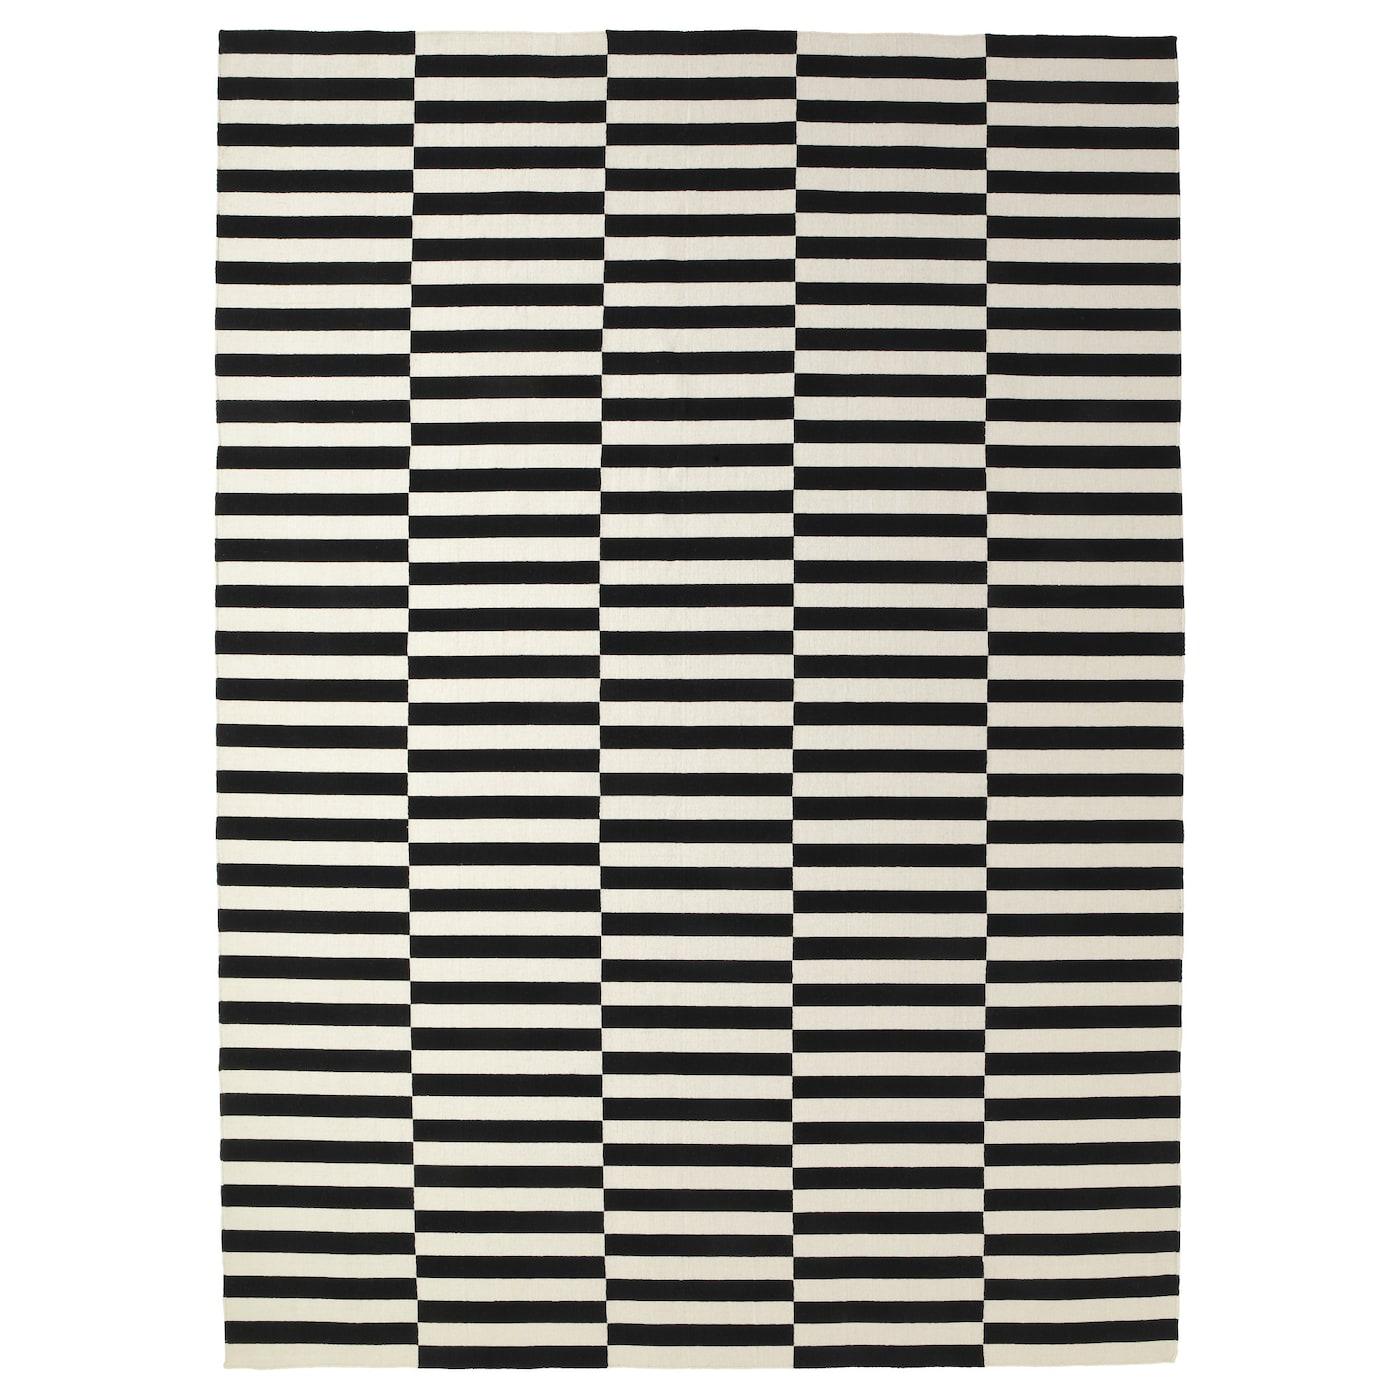 stockholm rug flatwoven handmade striped black off white 250 x 350 cm ikea. Black Bedroom Furniture Sets. Home Design Ideas